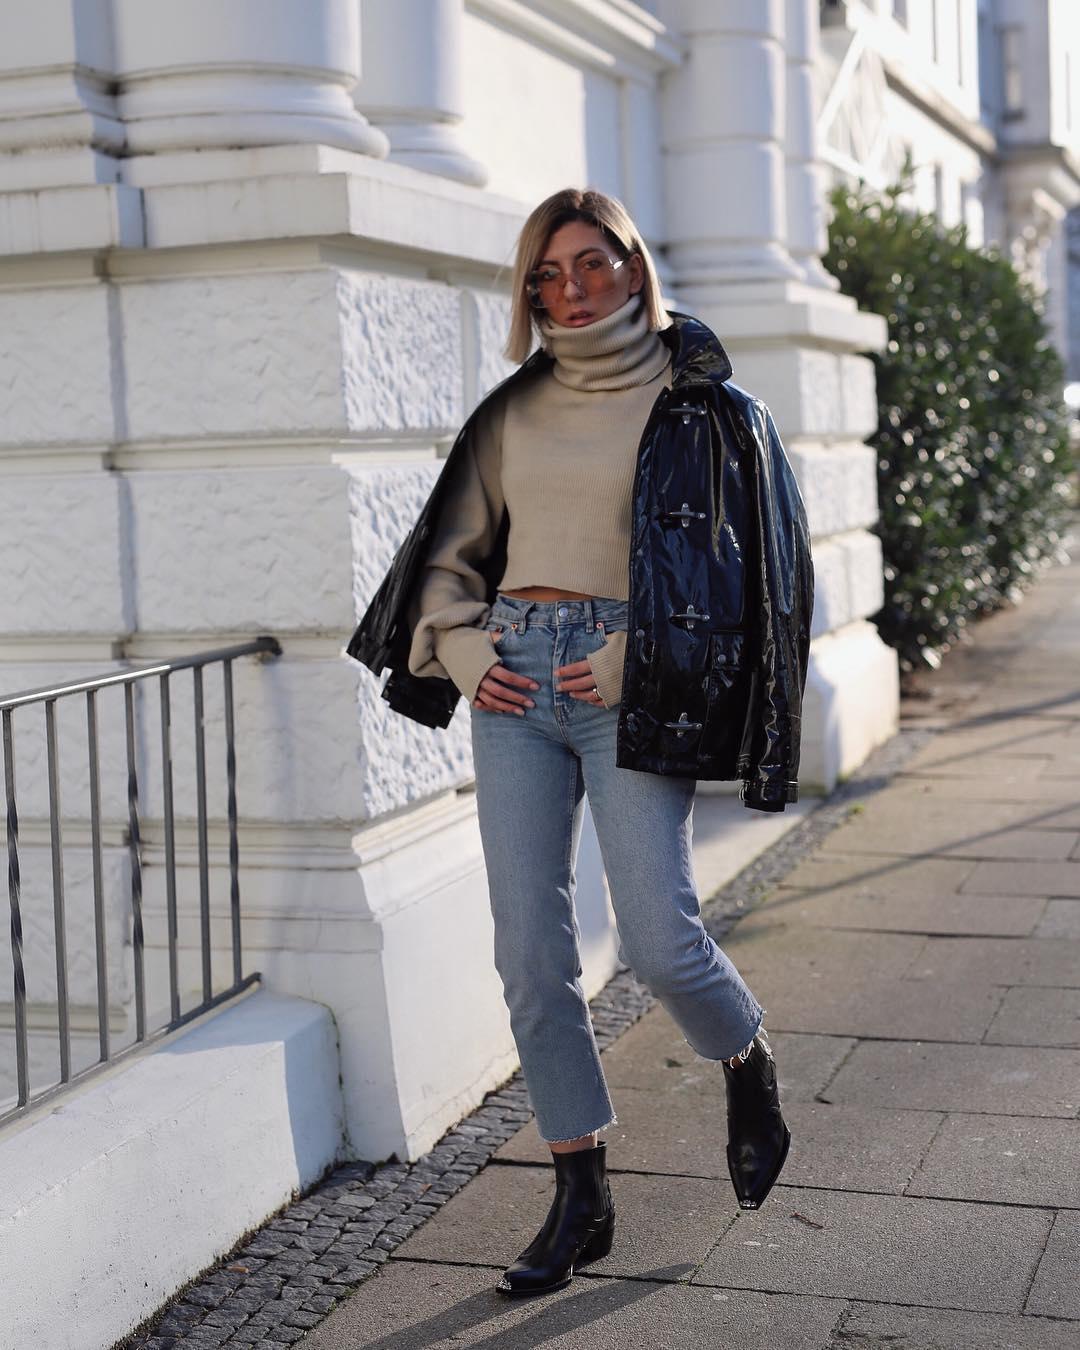 с чем носить джинсы зимой фото 18